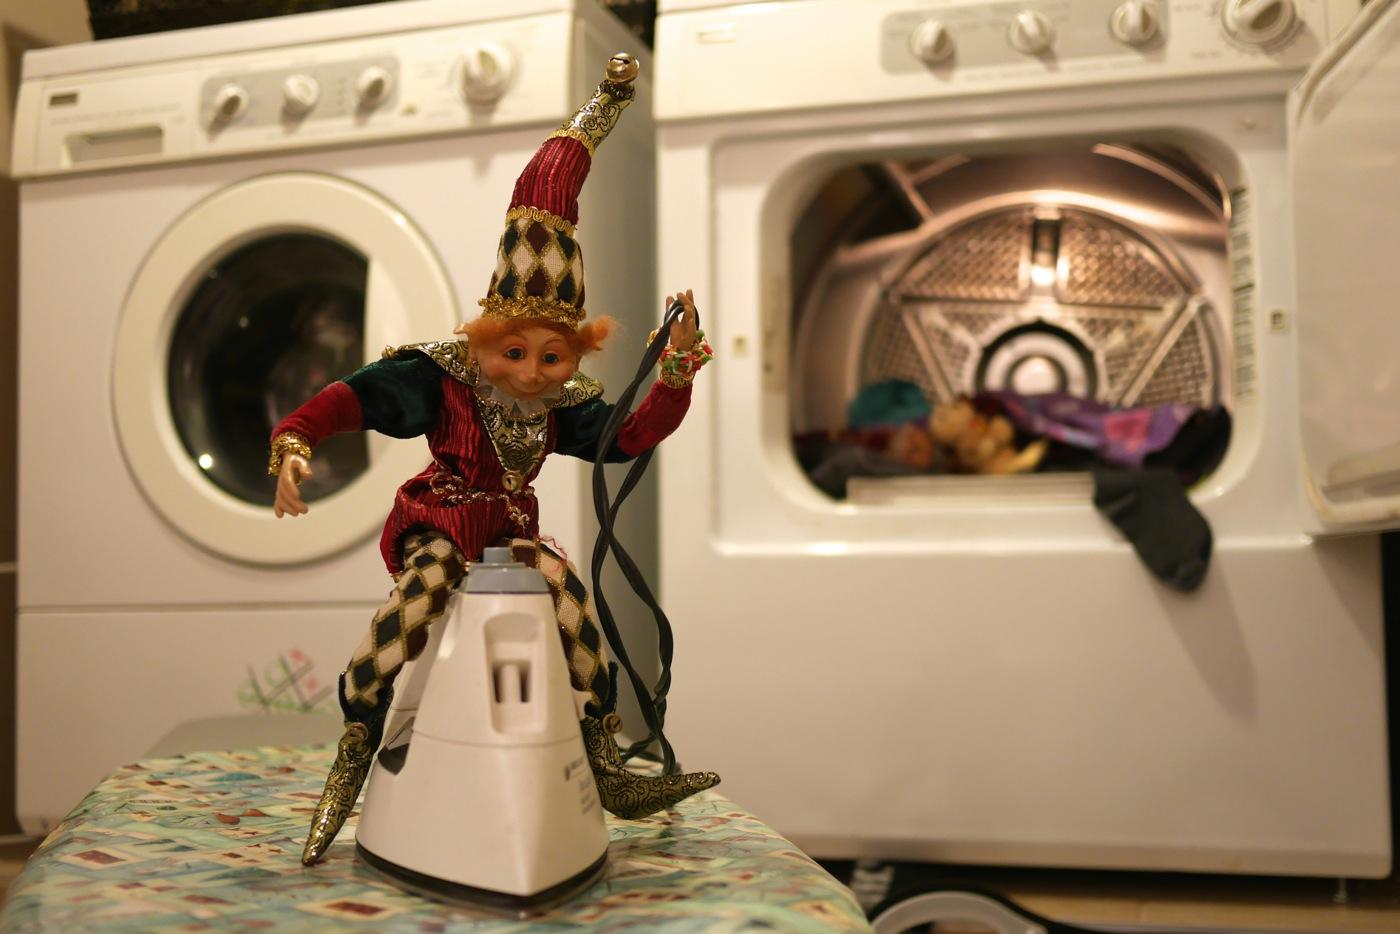 Les lutins ont envahi la salle de lavage! Gourmando chevauche le fer à repasser, tandis que Bricolin dort dans la sécheuse.